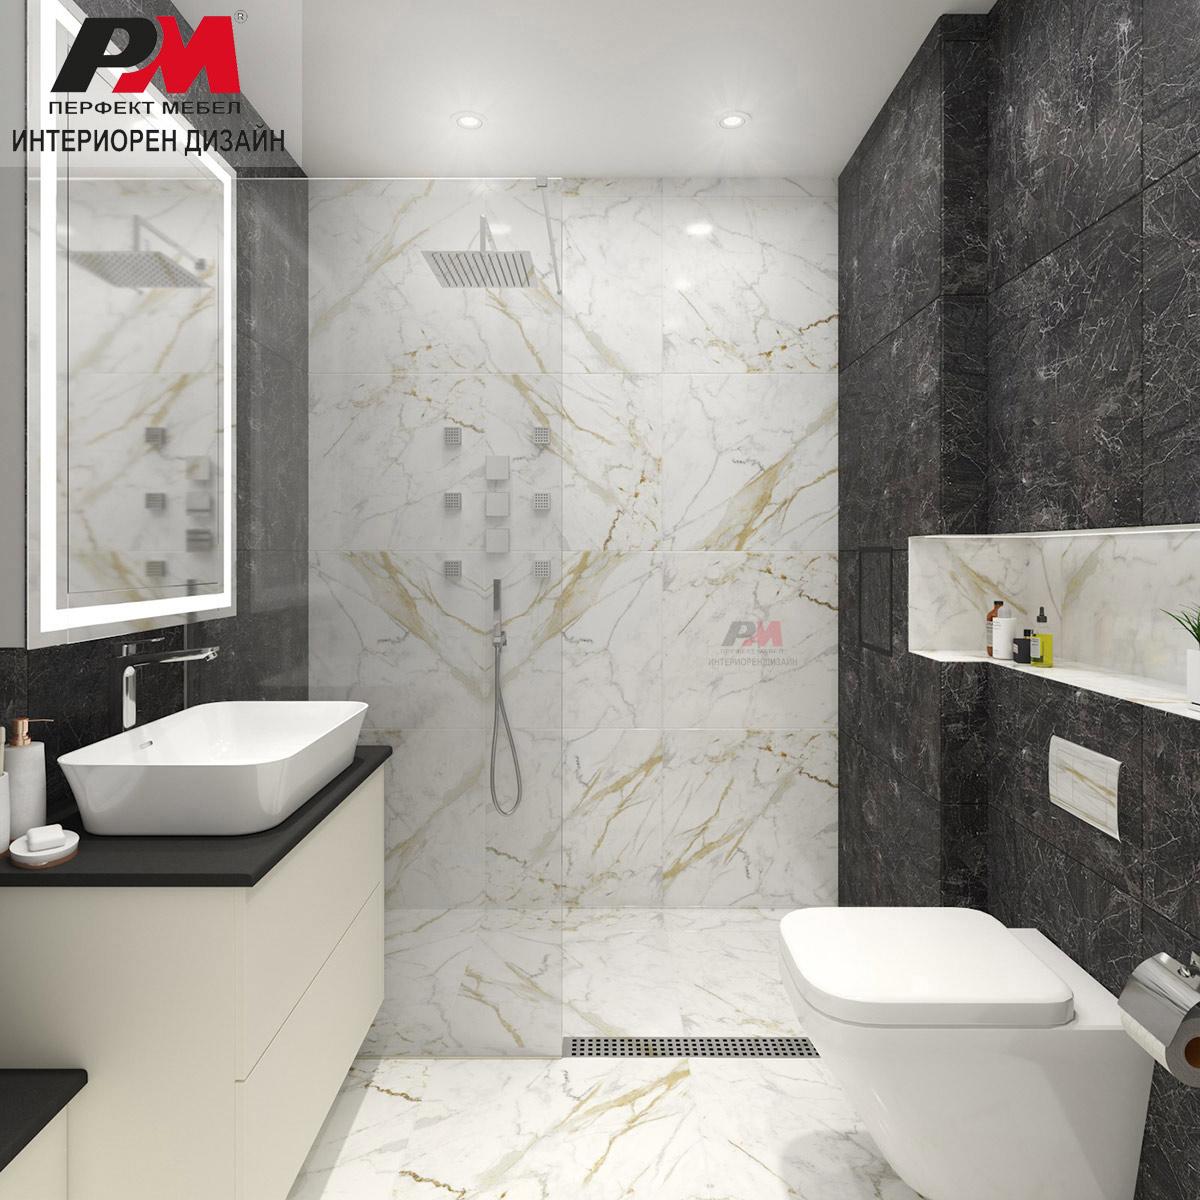 Луксозен интериорен дизайн на баня.